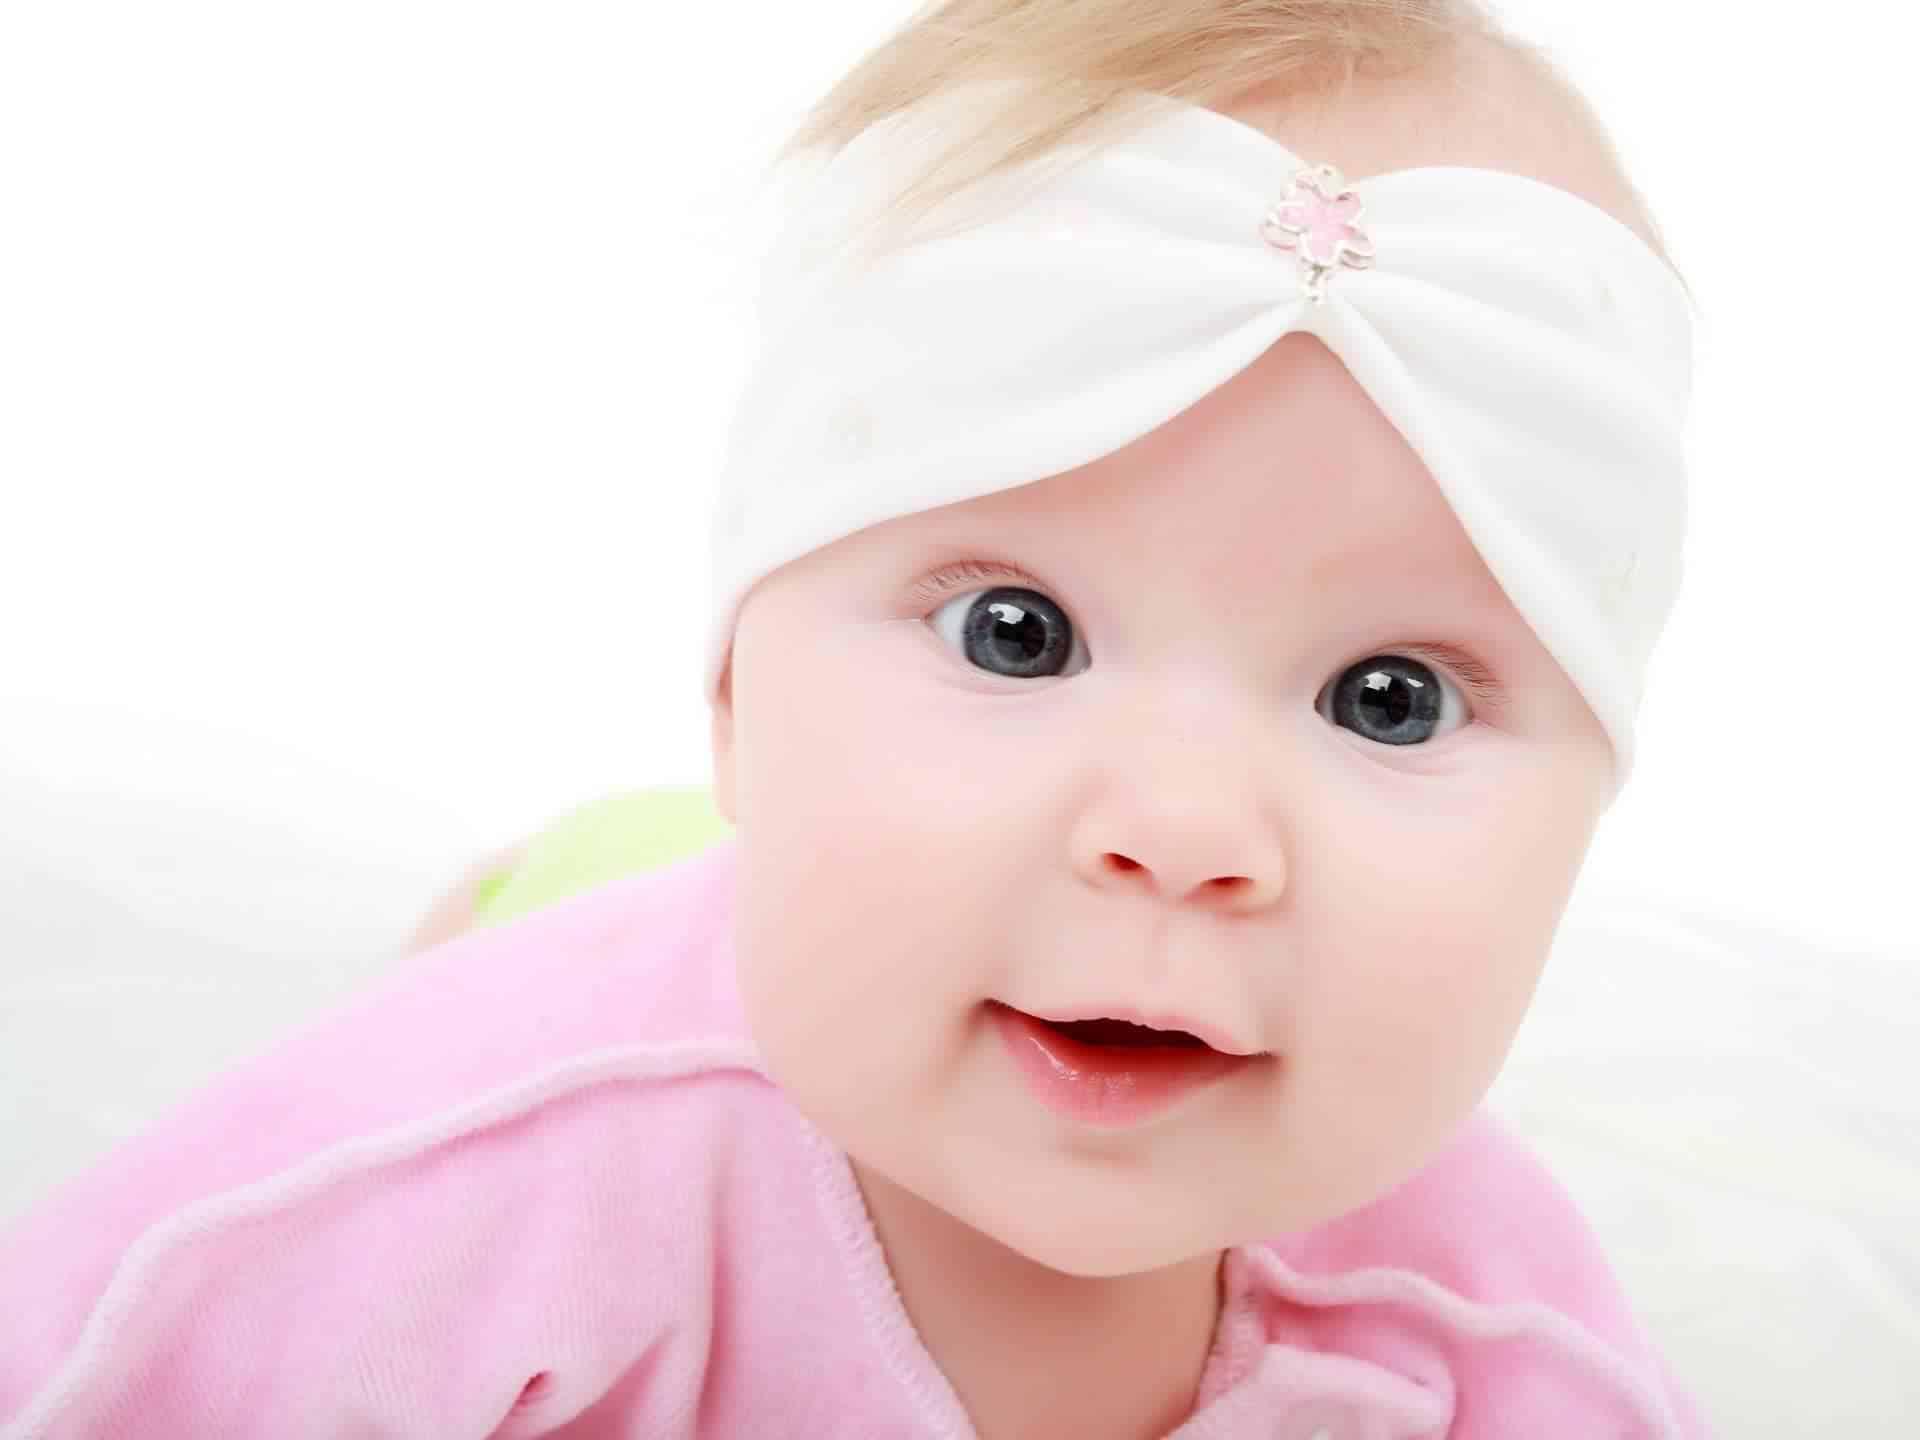 صوره اجمل الصور اطفال في العالم , ماشاء الله ماشفت هيك جمال